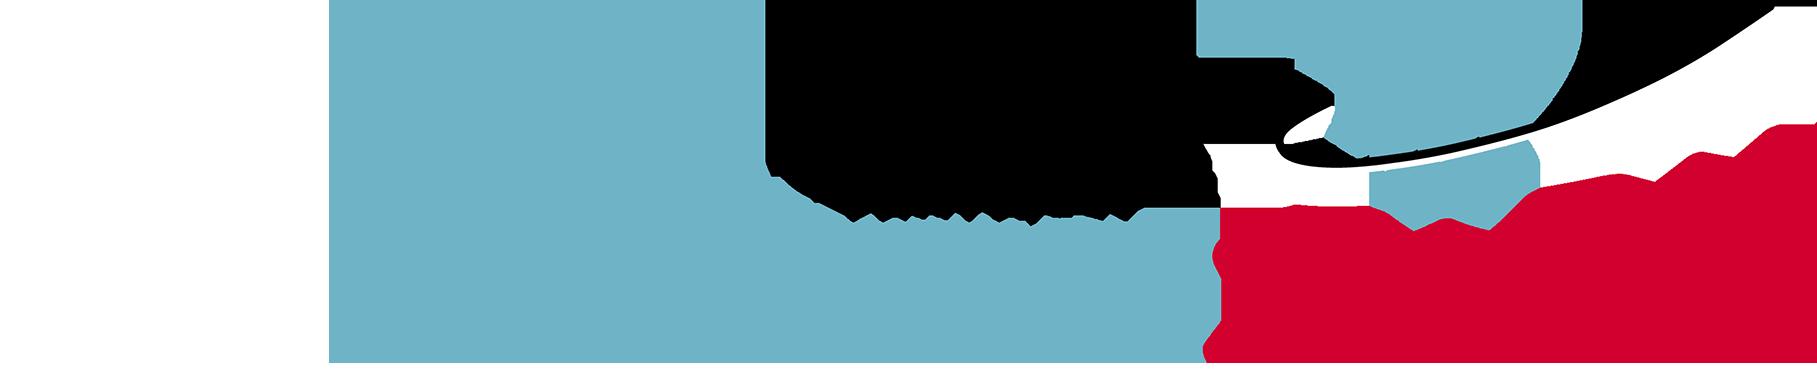 ZARM logos